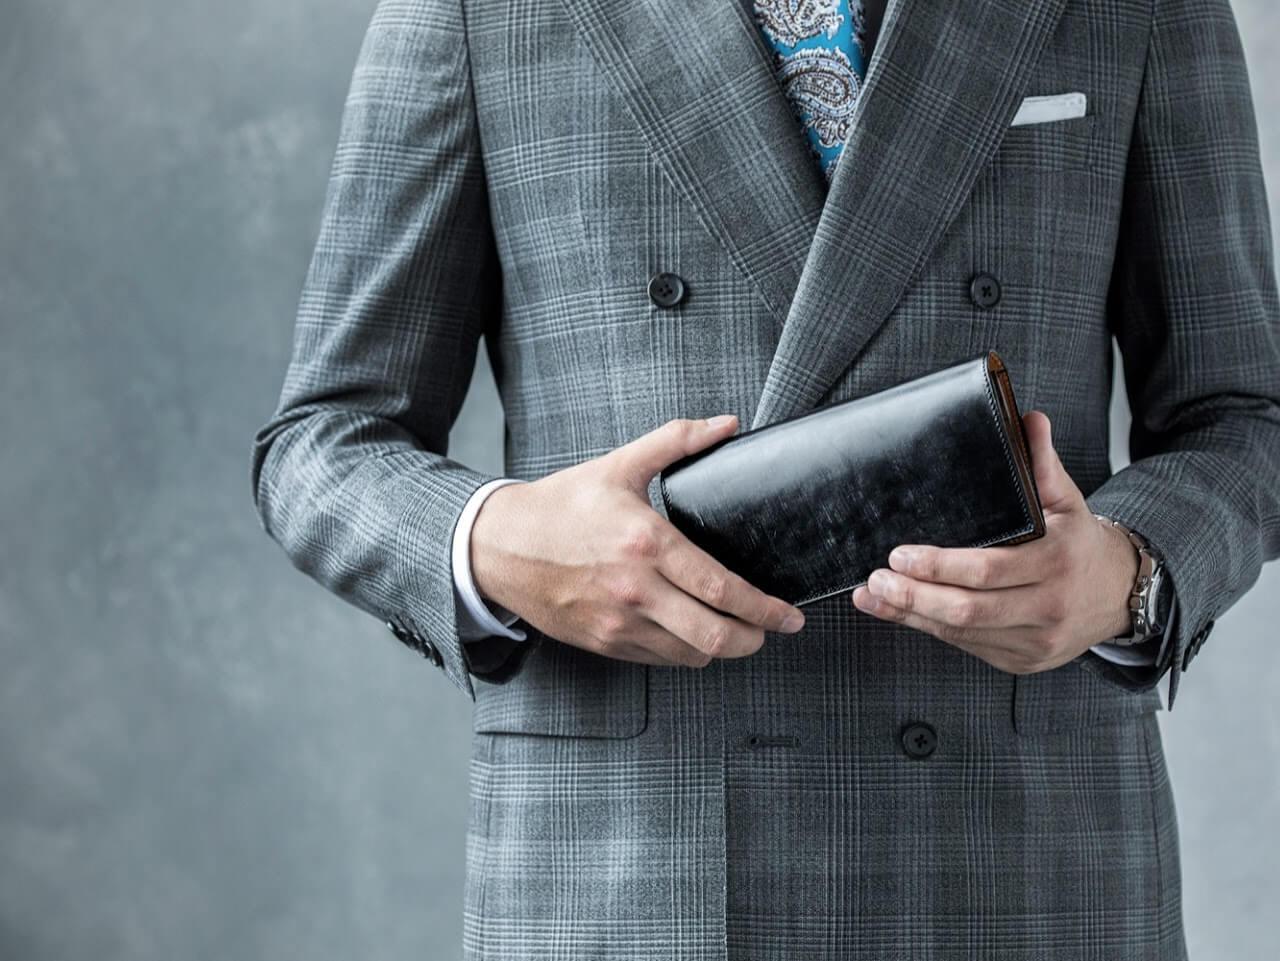 ビジネスで活躍!スーツに似合うメンズ財布おすすめブランド9選と選び方